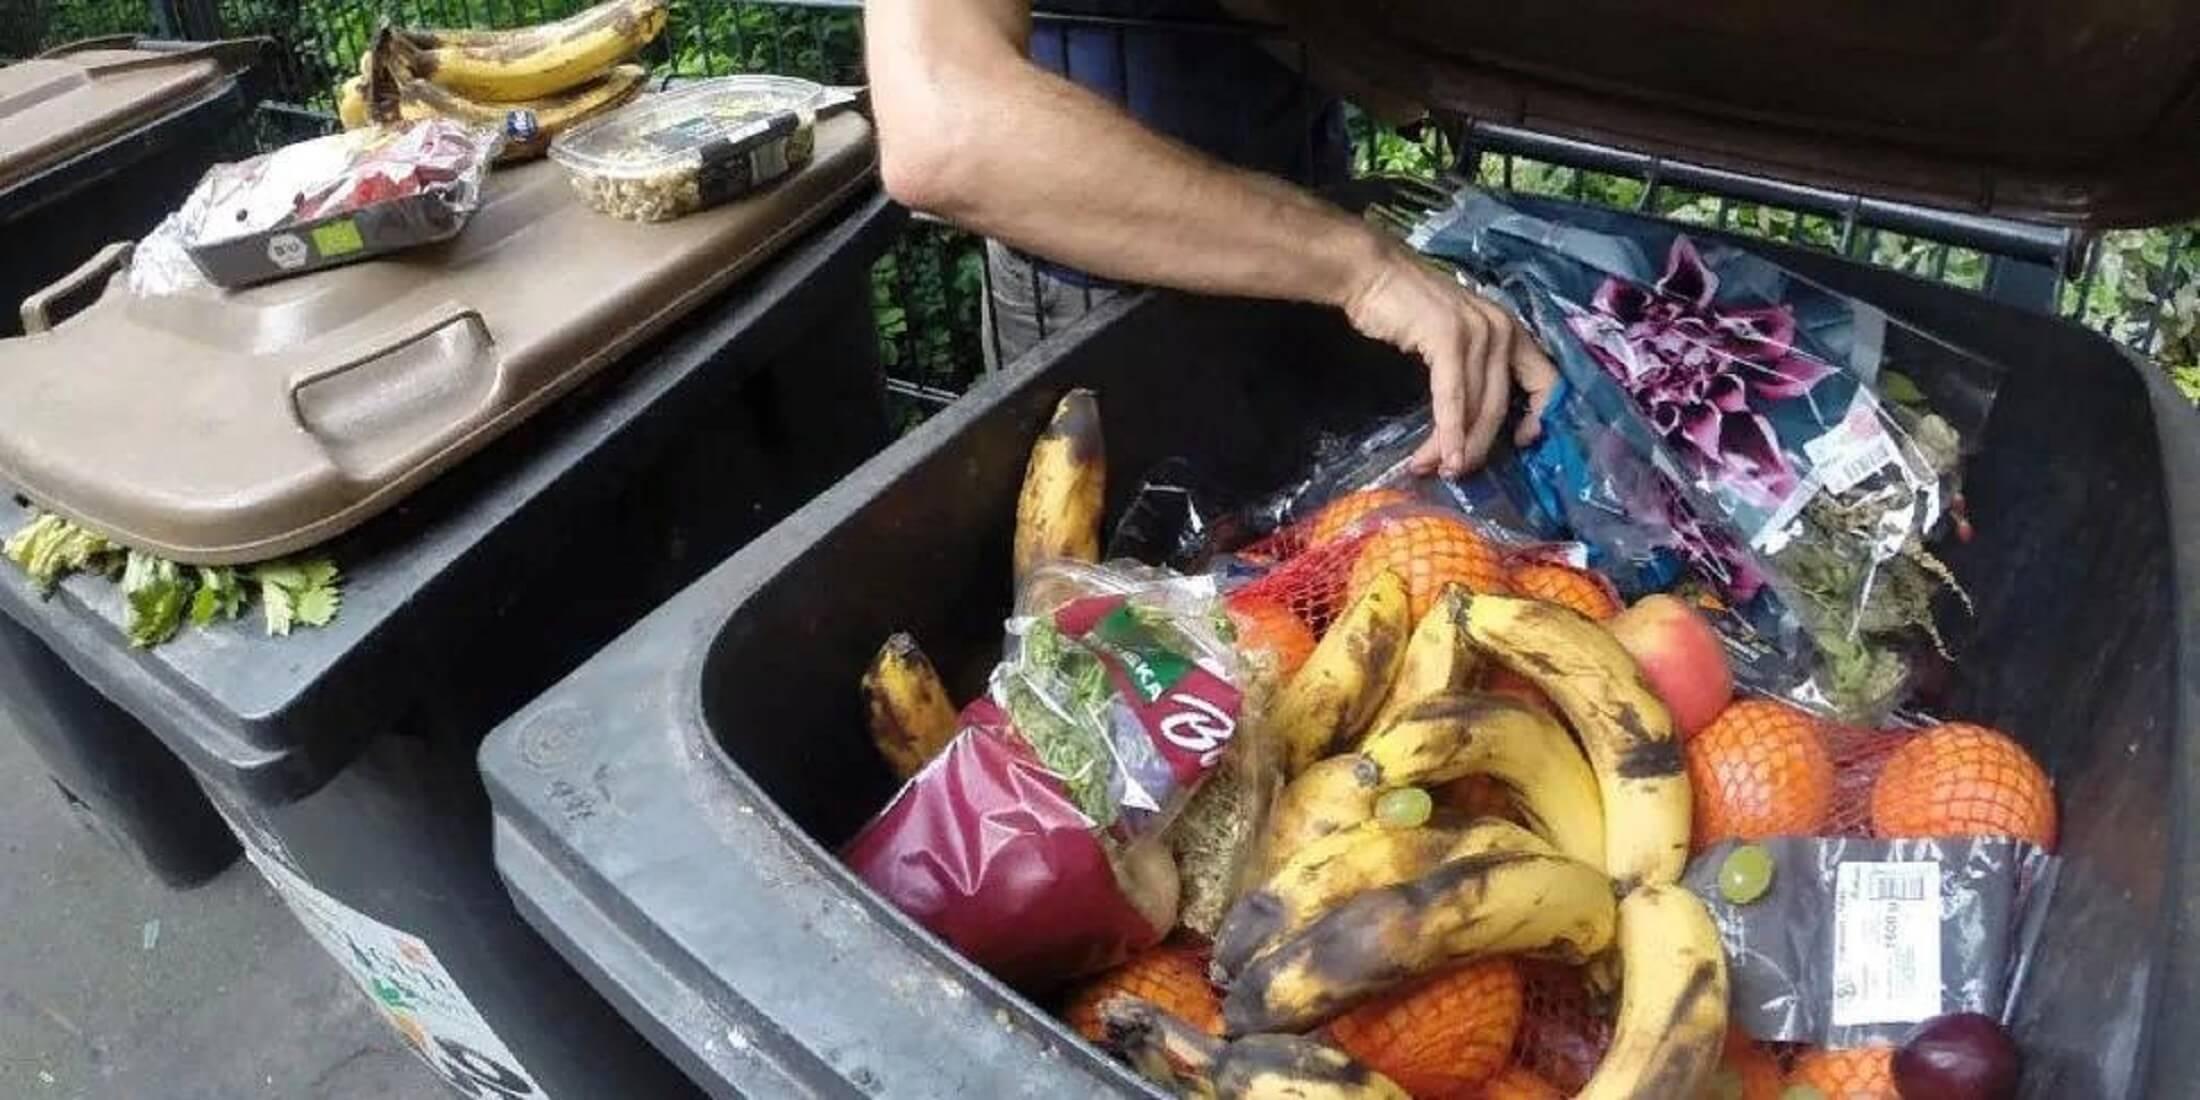 Сколько продуктов питания выбрасывают люди?